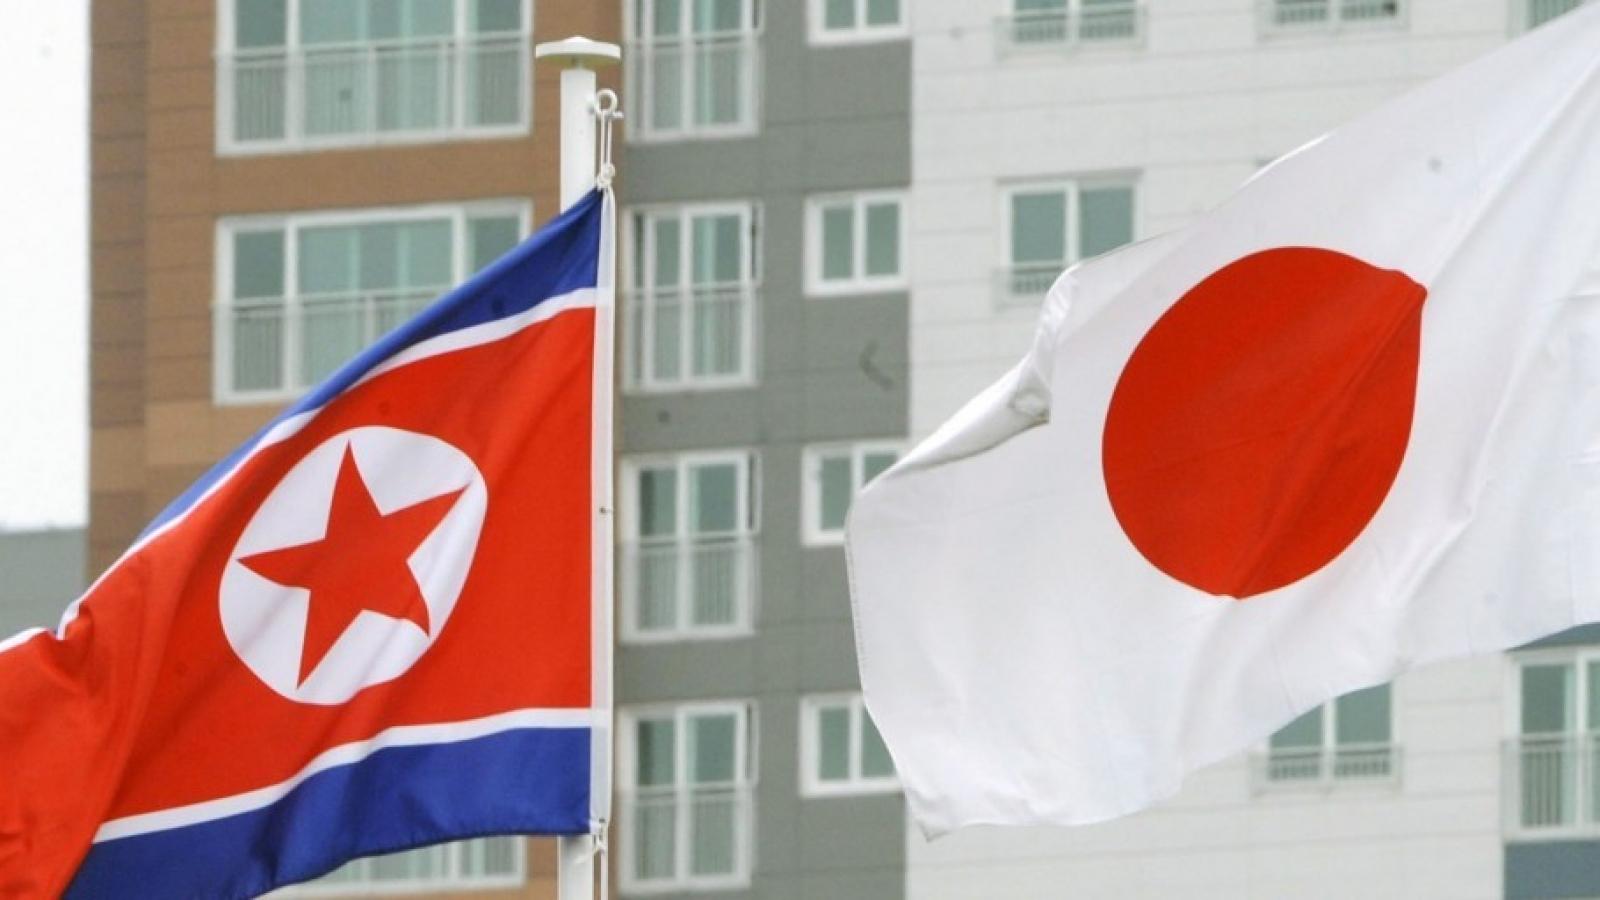 Các ứng viên chủ tịch LDP tìm kiếm Hội nghị thượng đỉnh với Triều Tiên